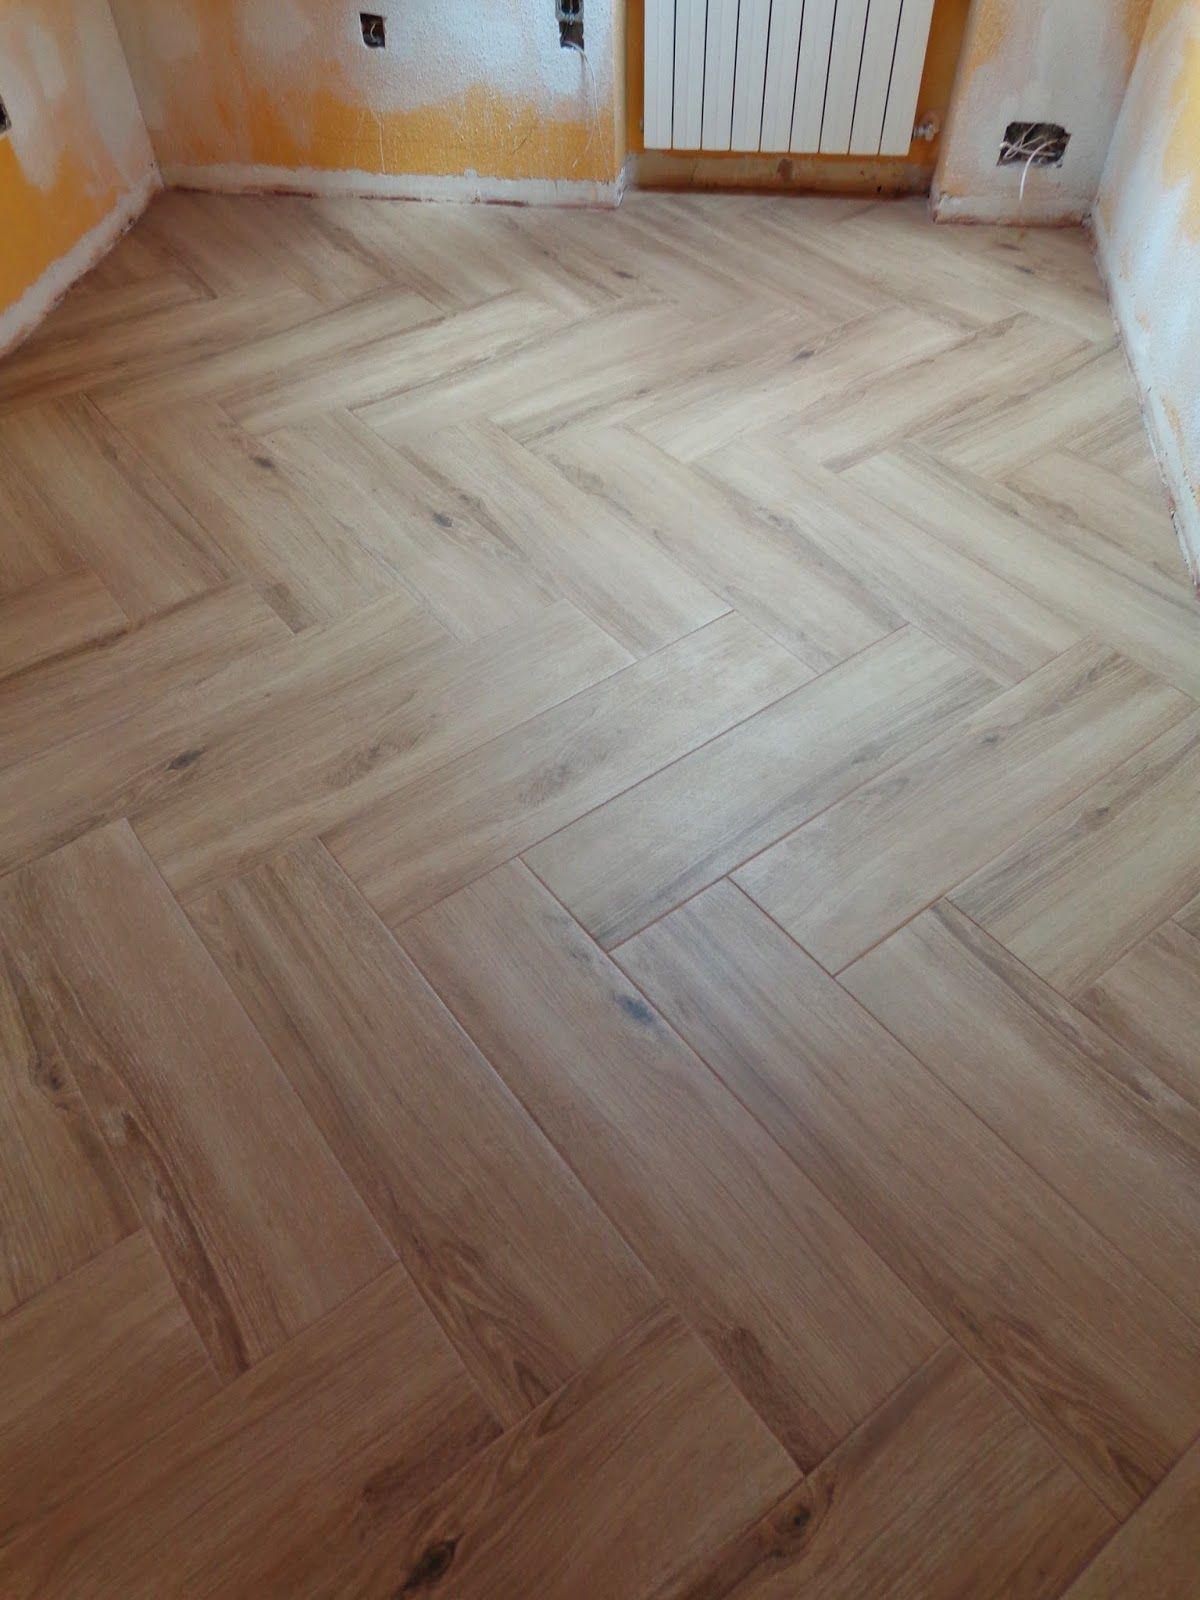 Baldosas sa suelos porcel nicos imitacion madera for Suelo porcelanico imitacion madera barato